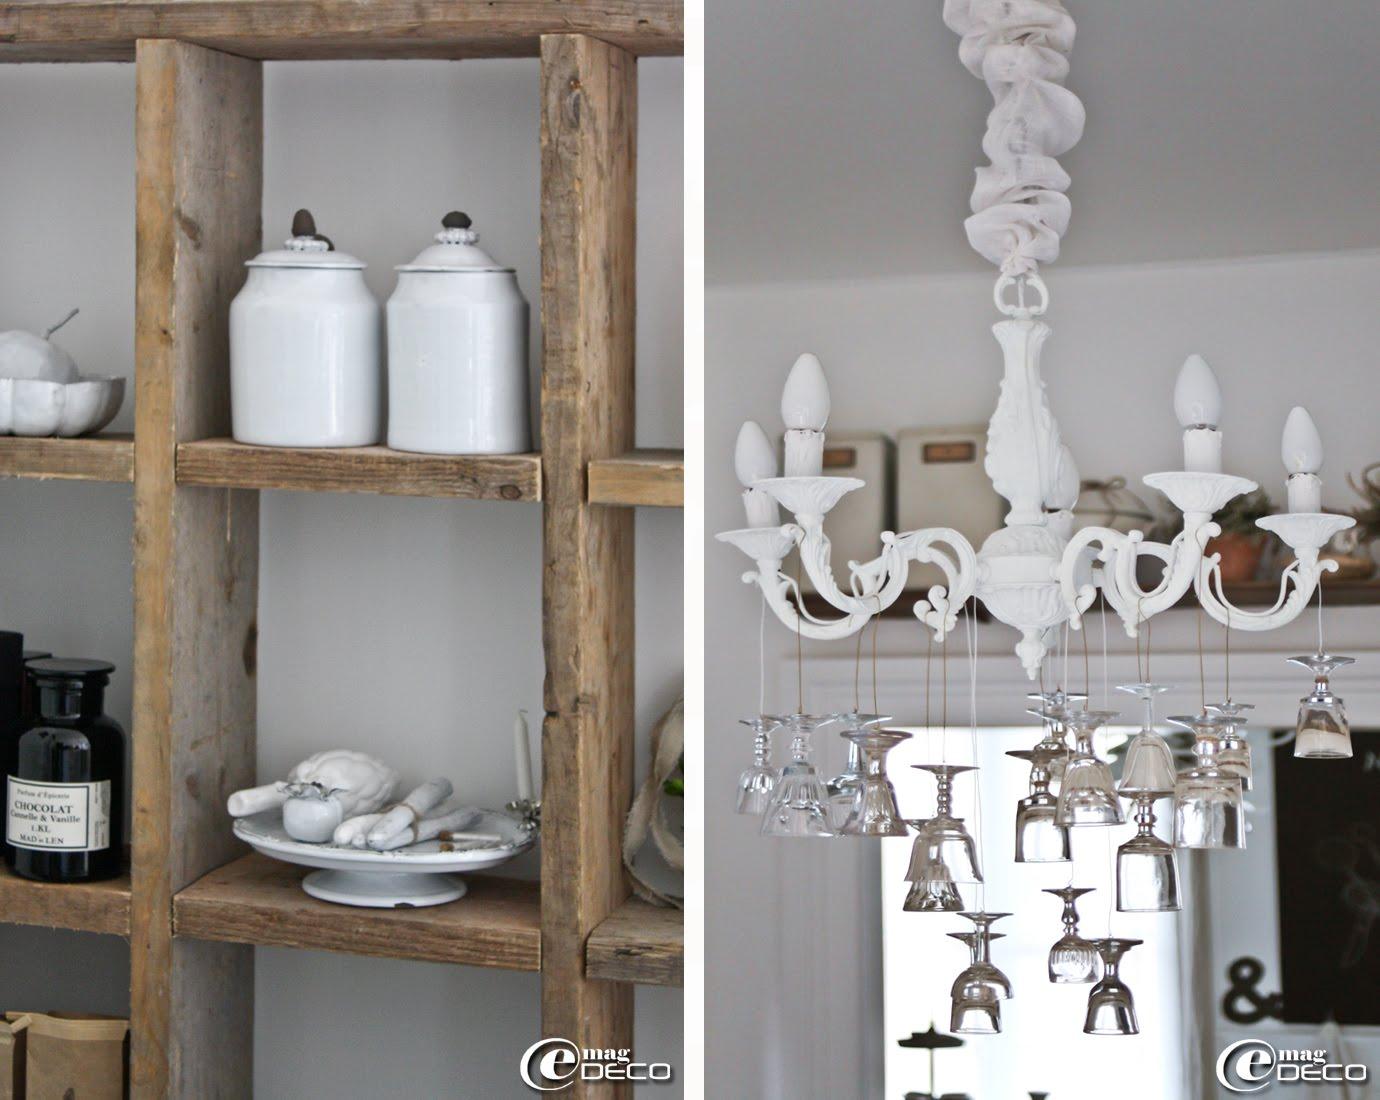 Vaisselle 'Rêves d'Argile' exposée dans le meuble à casiers, lustre ancien en laiton repeint puis décoré de petits verres chinés à la manière de pampilles